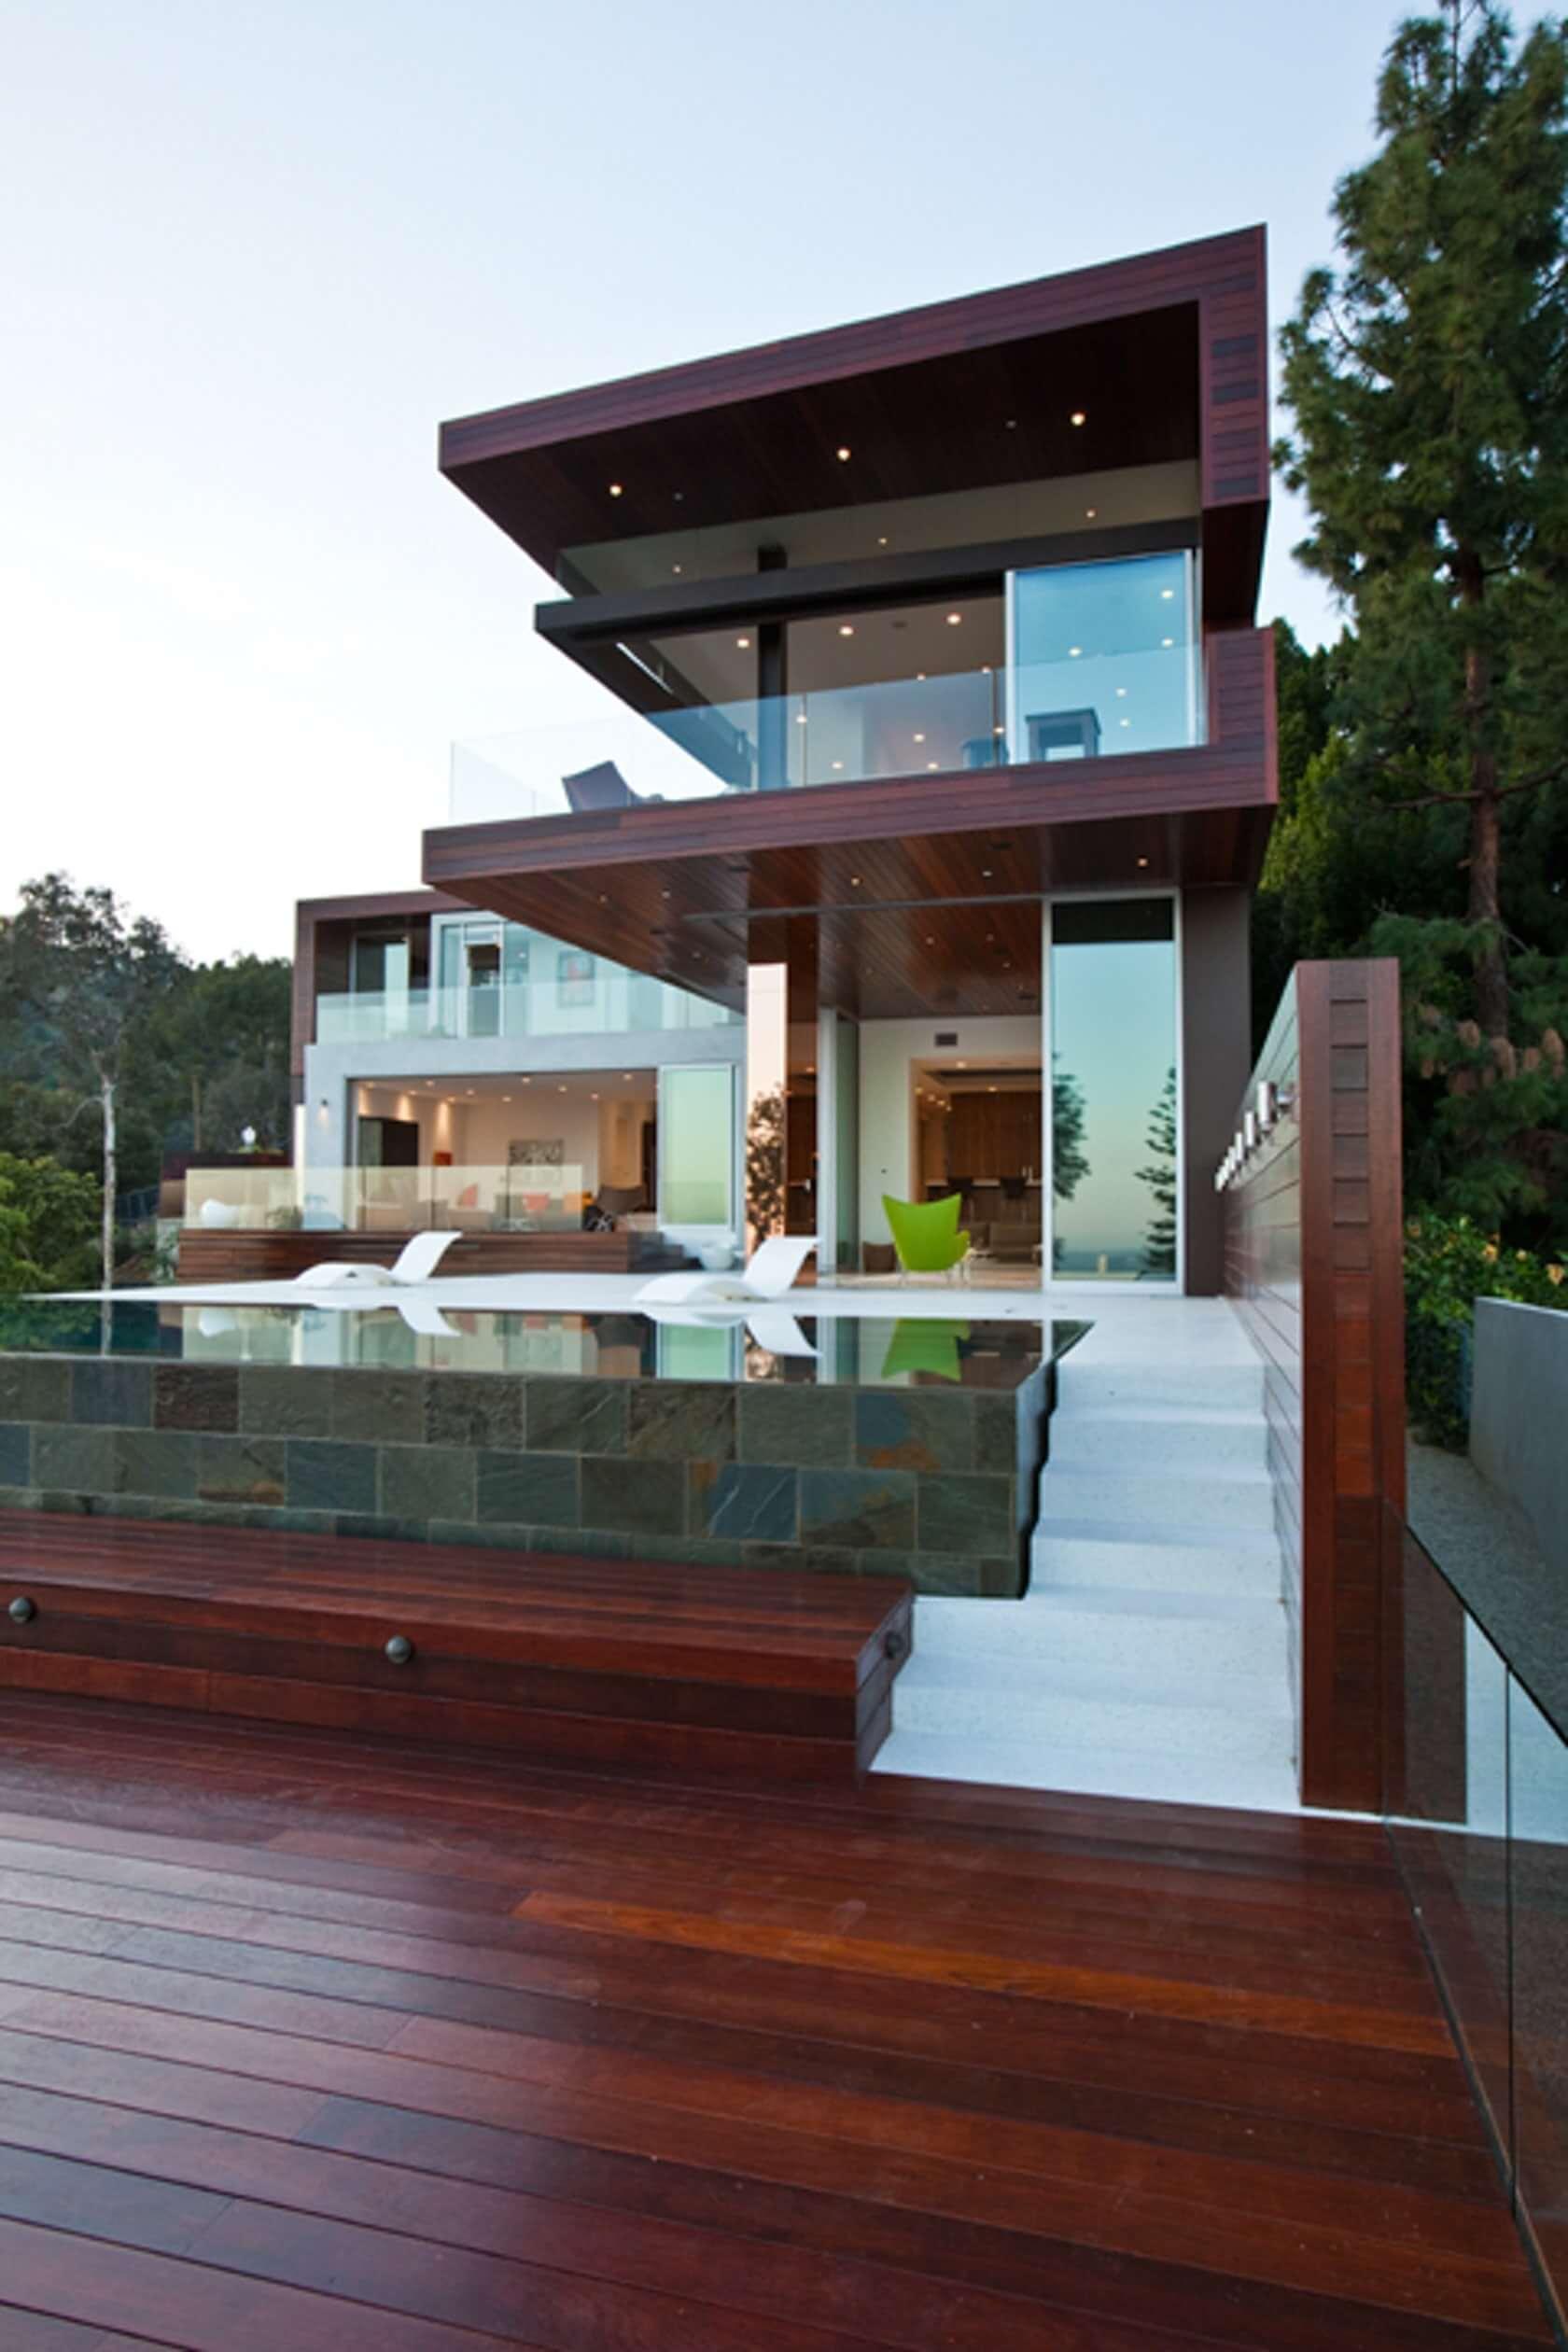 Piscina elevada de vidro e deck de madeira